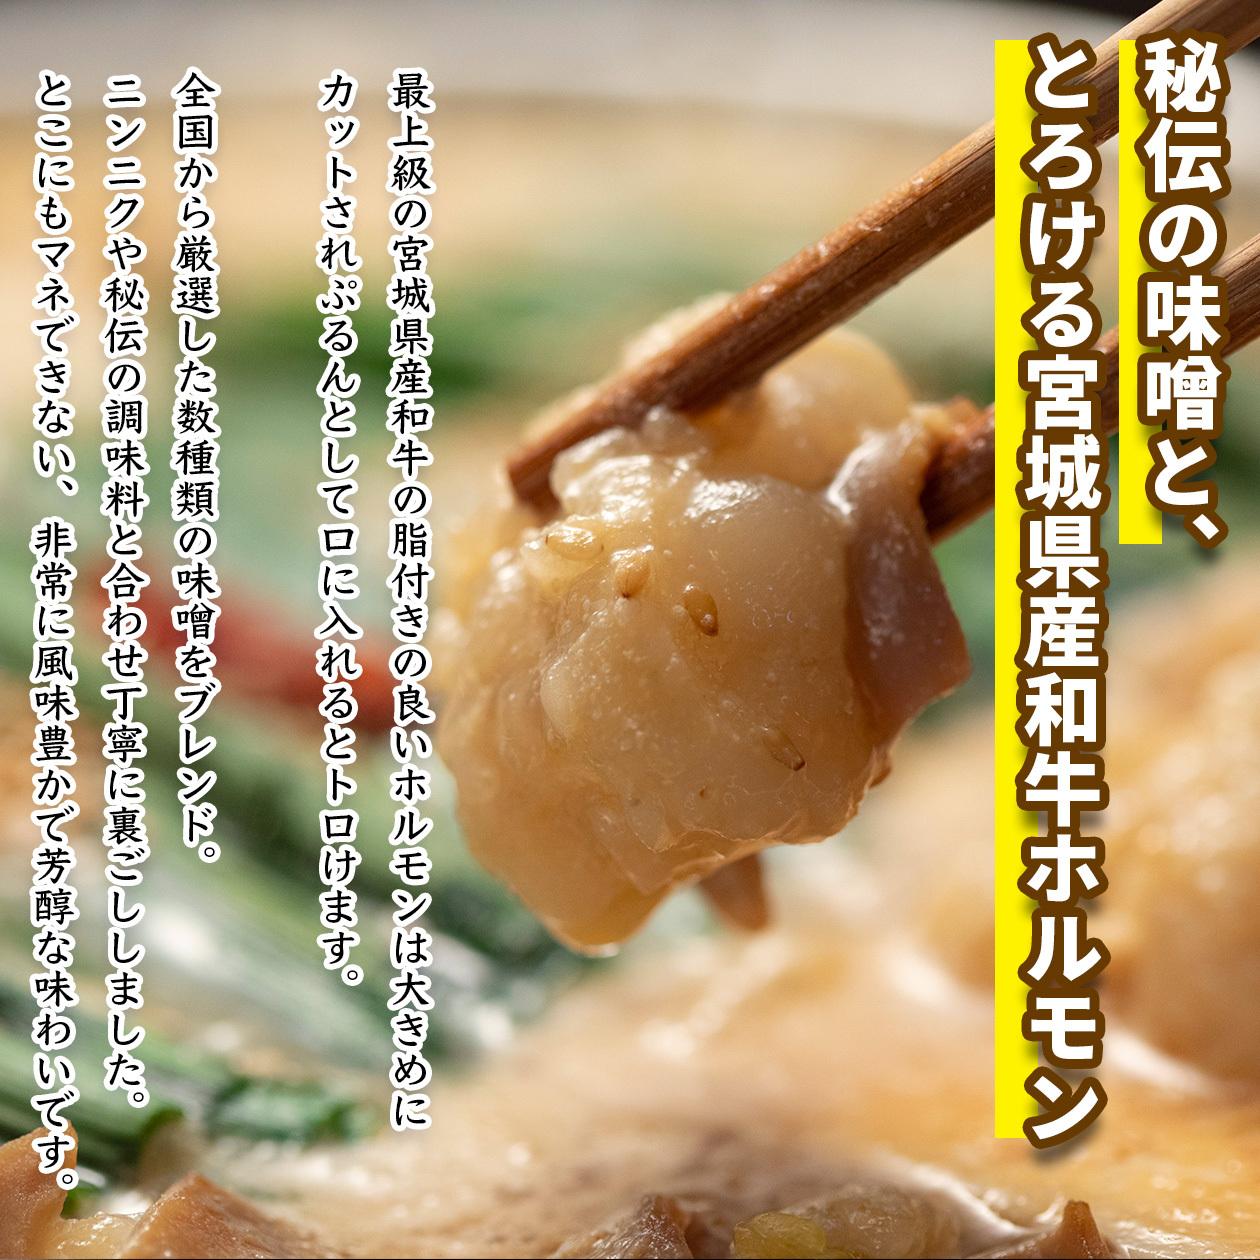 【単品】宮城県産牛もつ 100g/送料無料